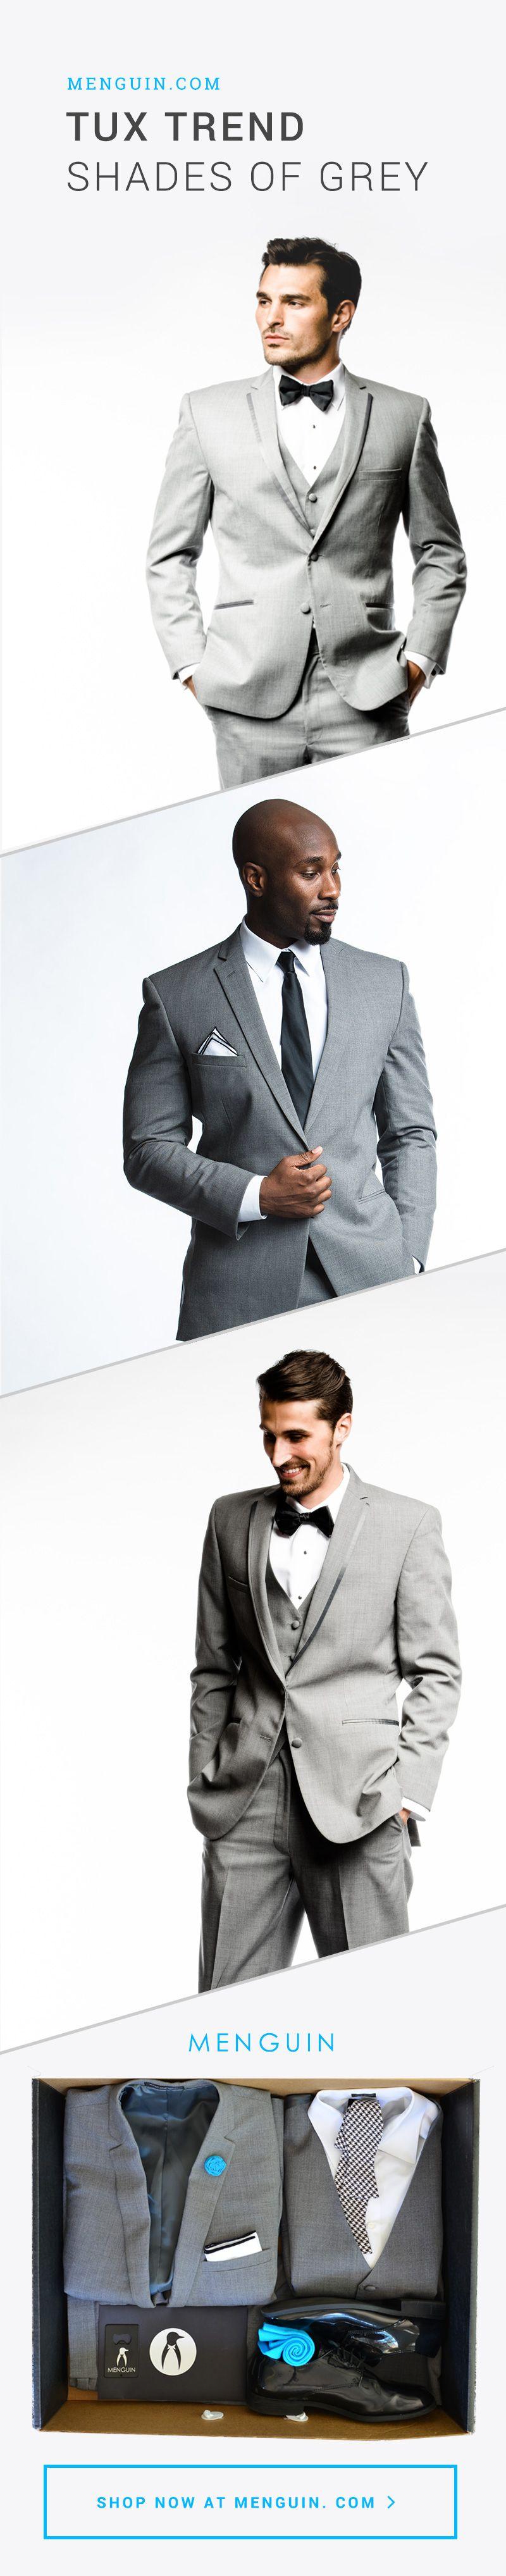 Tux Trend: Shades of Grey   Menguin.com